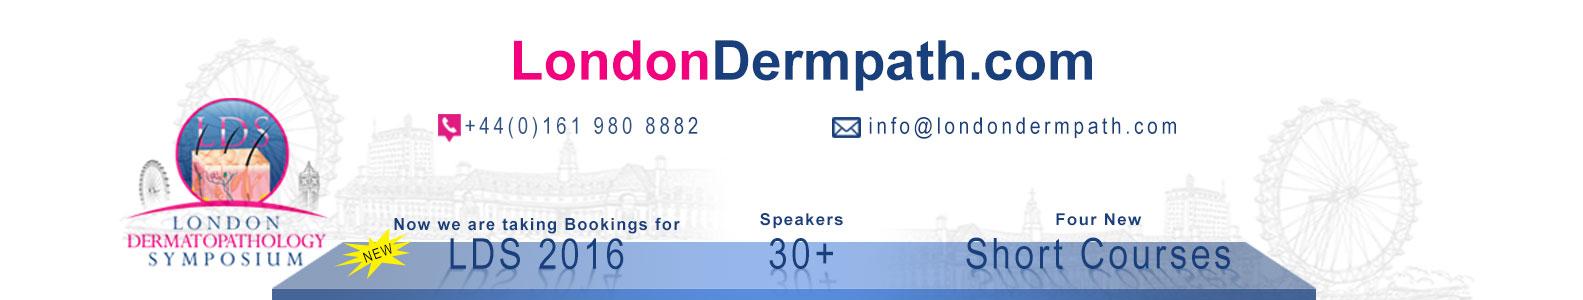 London Dermatopathology Symposium